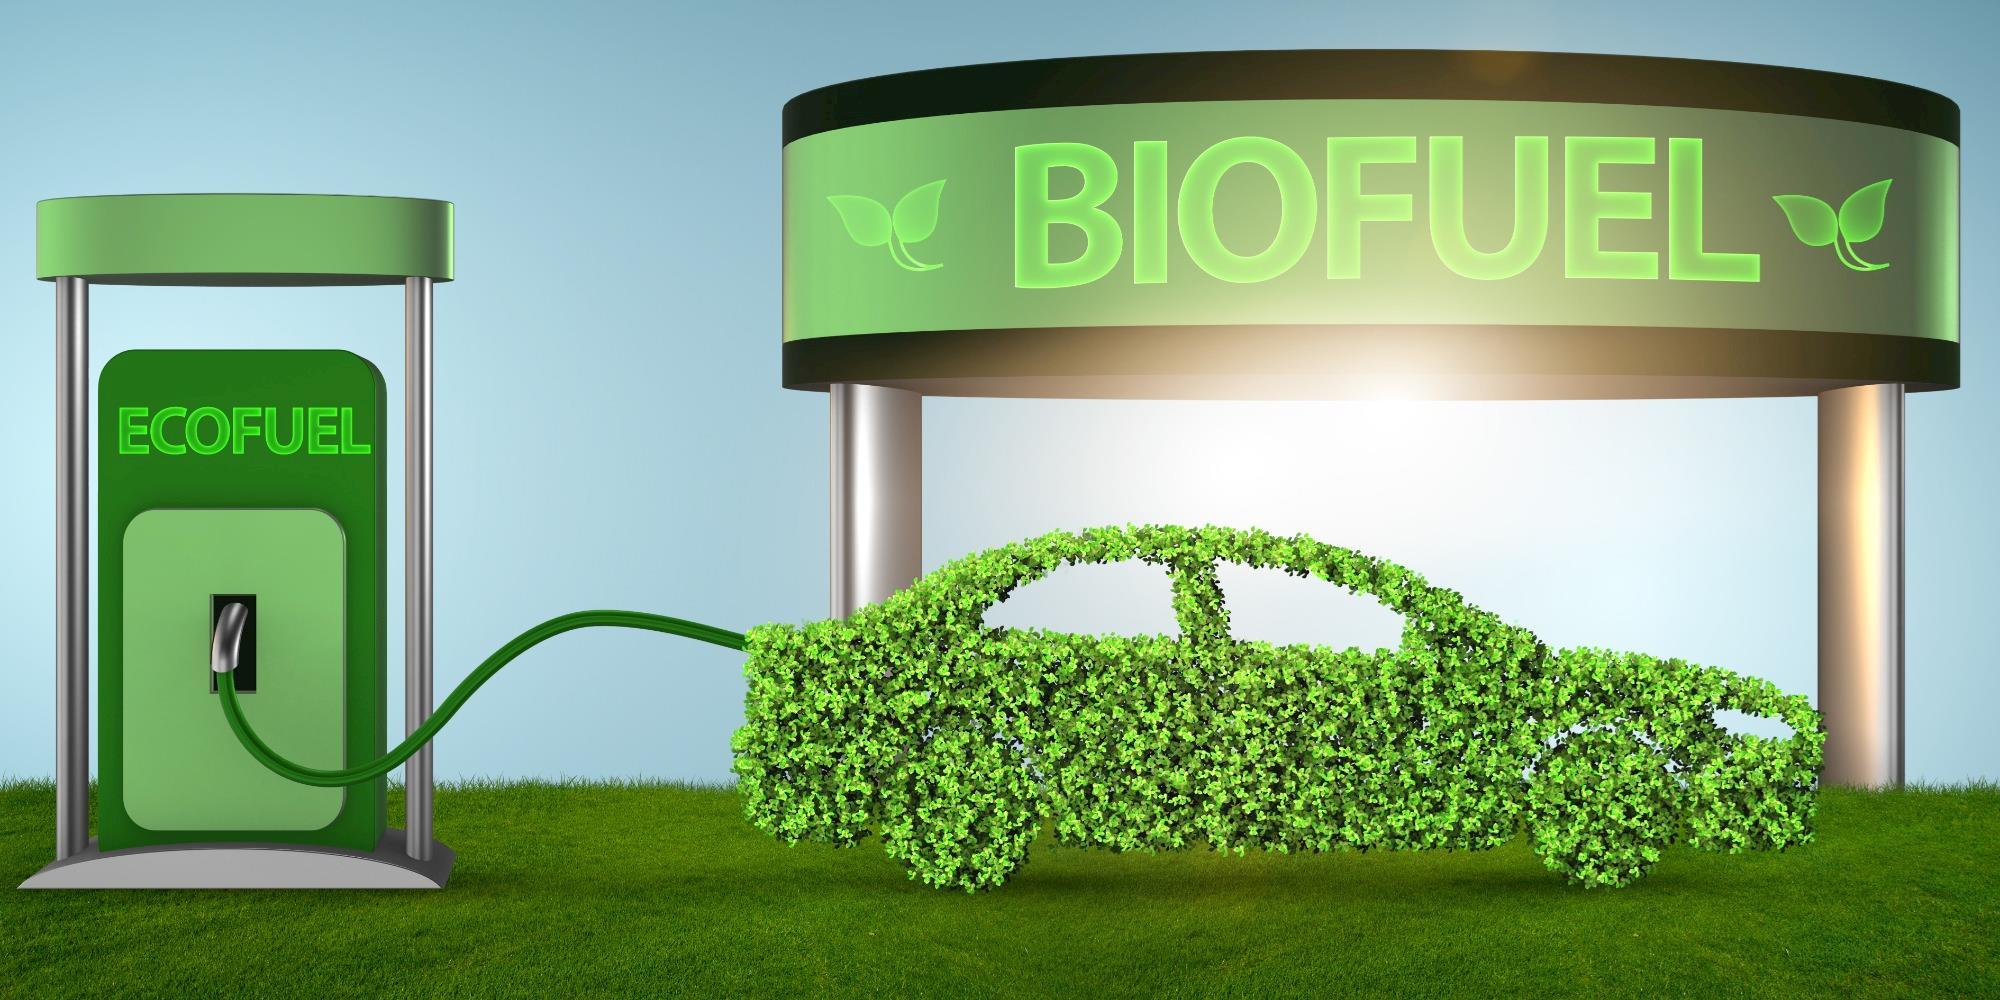 Aumenta a demanda por biocombustíveis no mundo